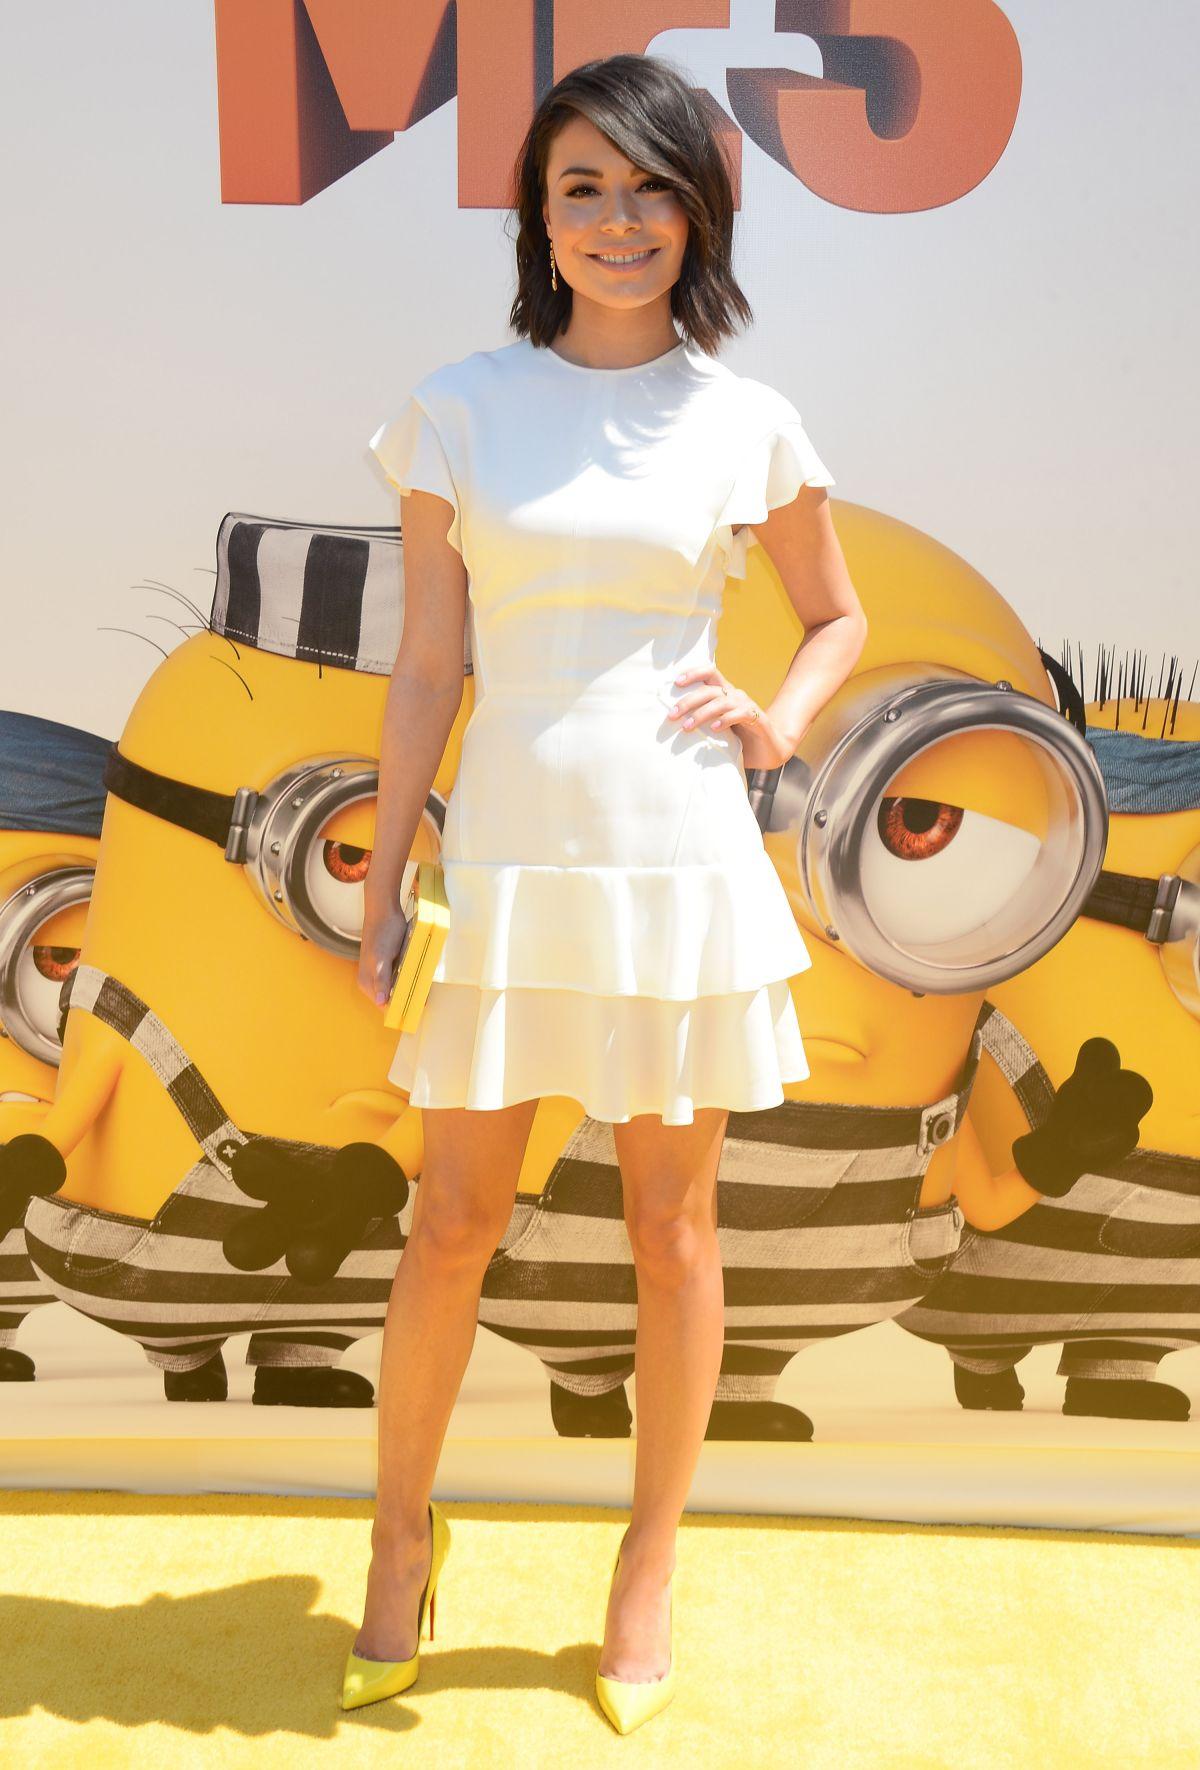 MIRANDA COSGROVE at Despicable Me 3 Premiere in Los ... Miranda Cosgrove Despicable Me